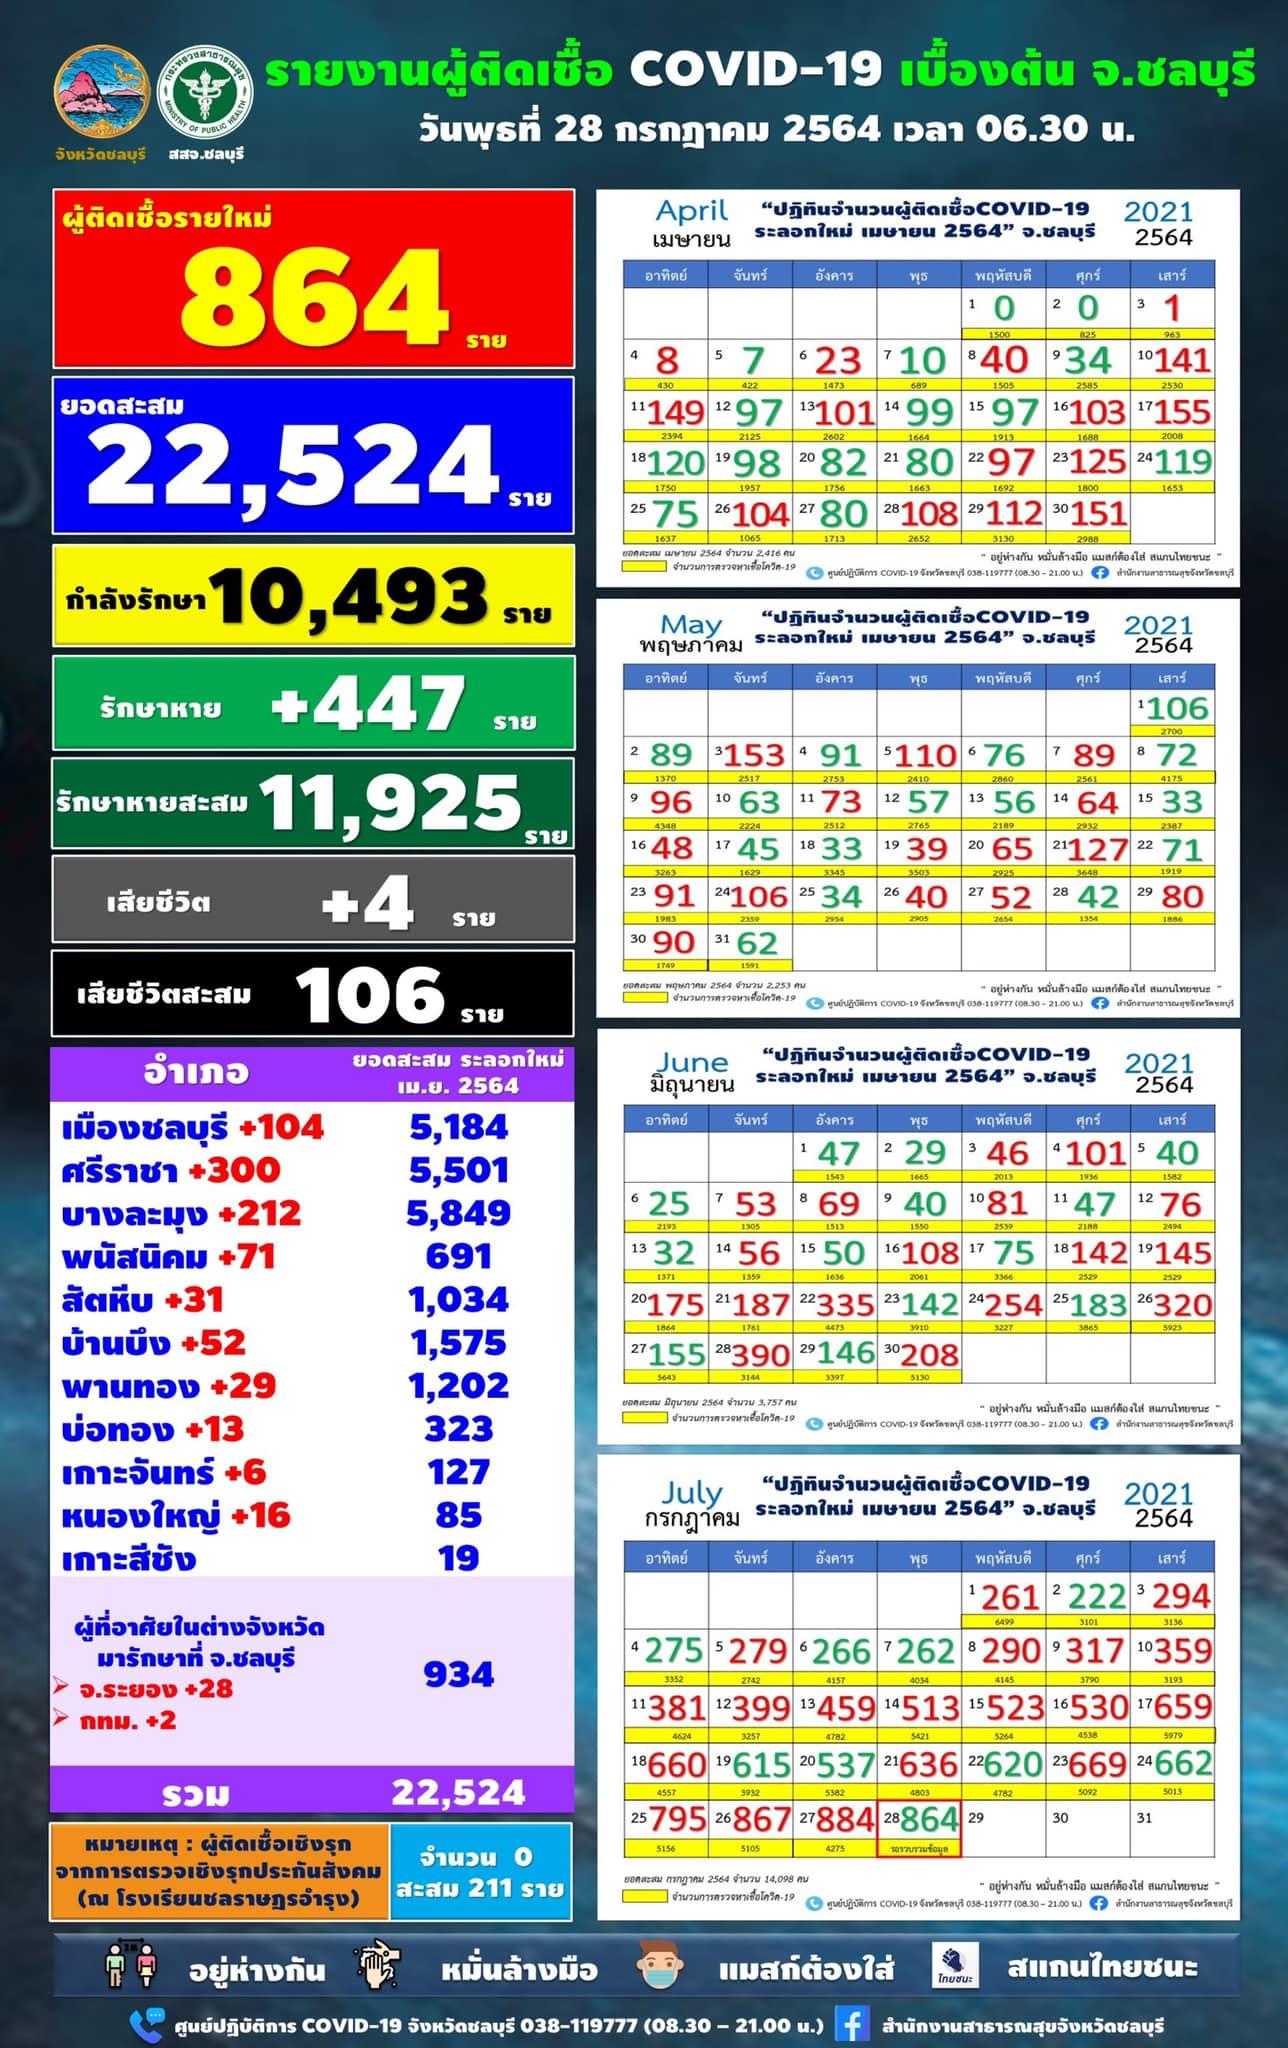 チョンブリ県 864人陽性/シラチャ300人/パタヤ212人[2021年7月28日]